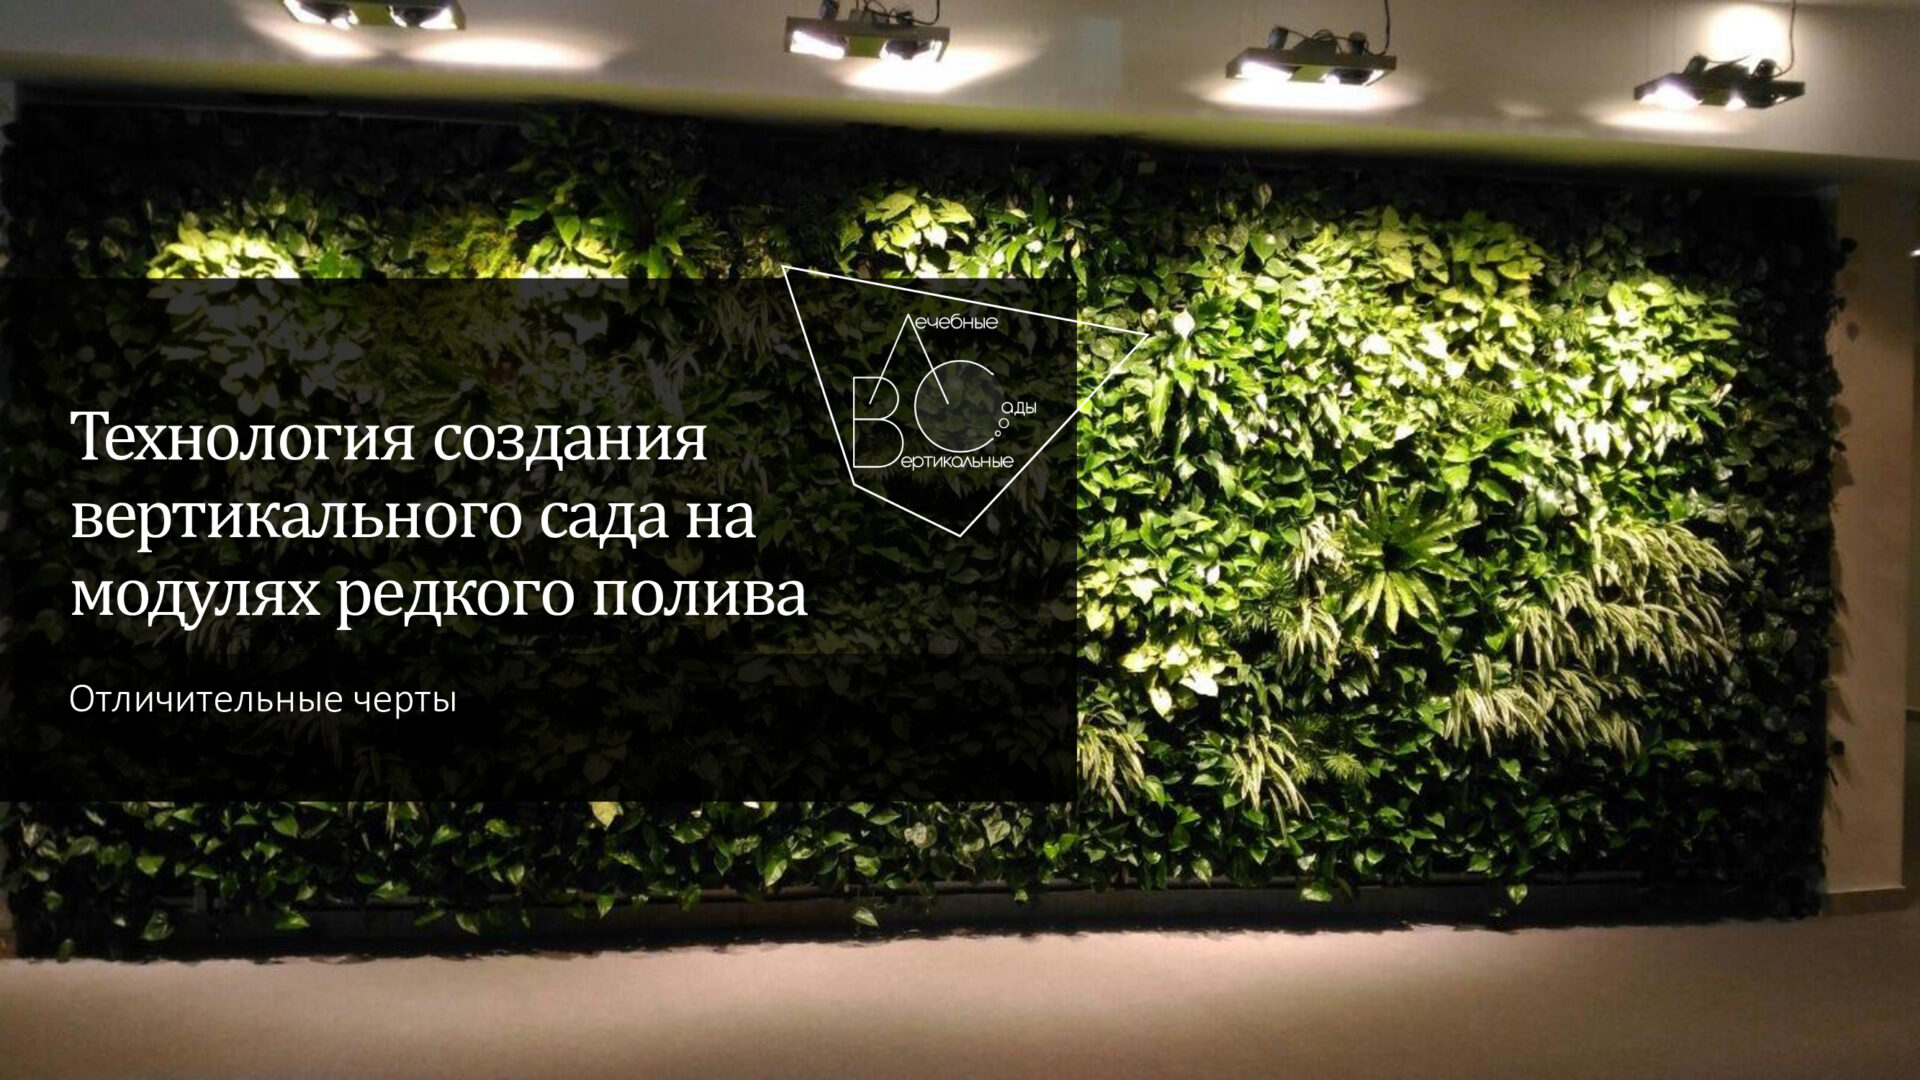 Посты, вебинары, практика по созданию вертикальных садов и городских оранжерей